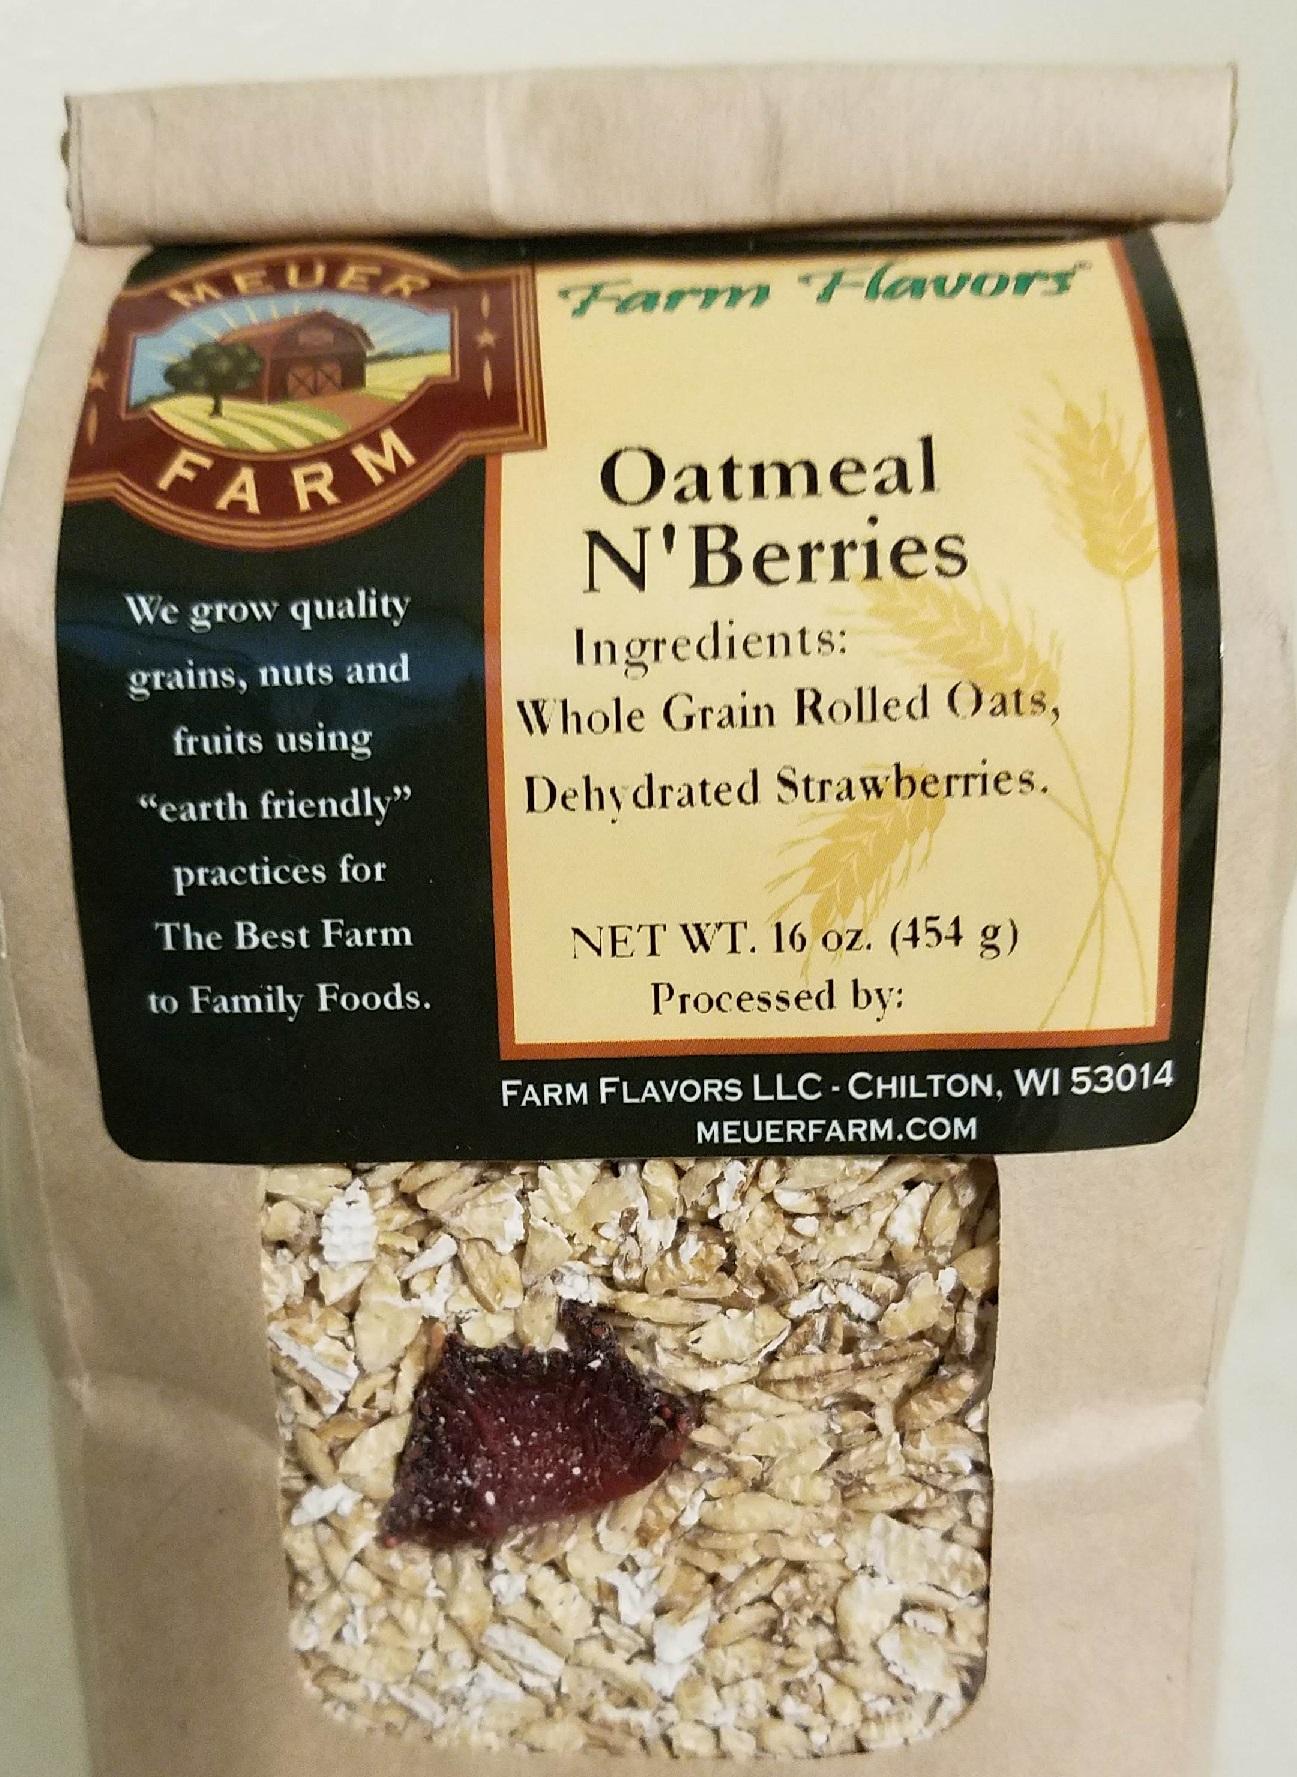 Oatmeal N'Berries